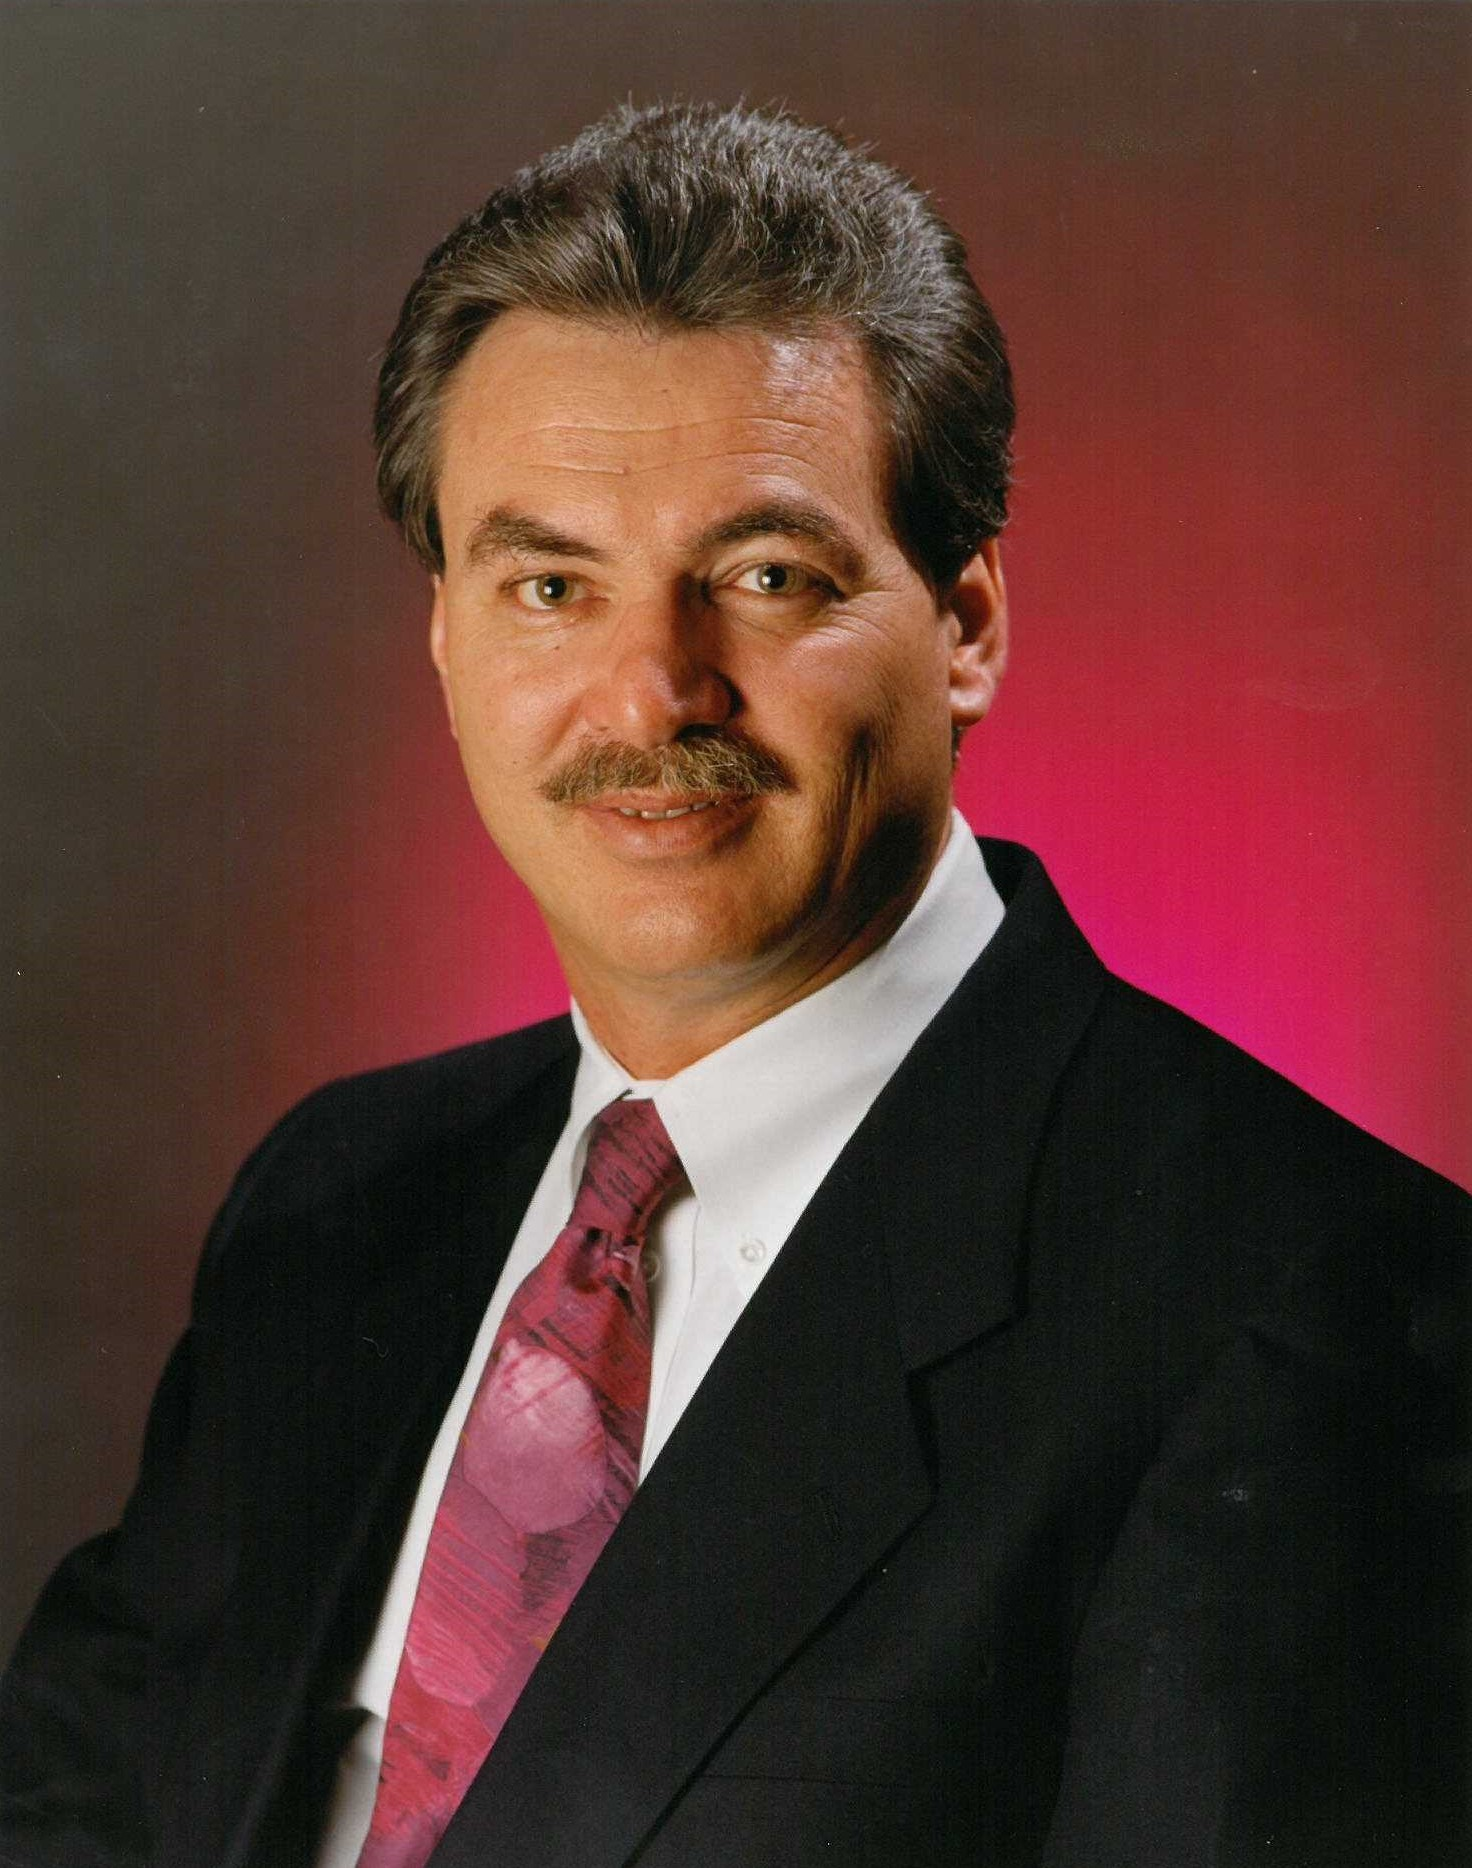 Dennis M. Talty